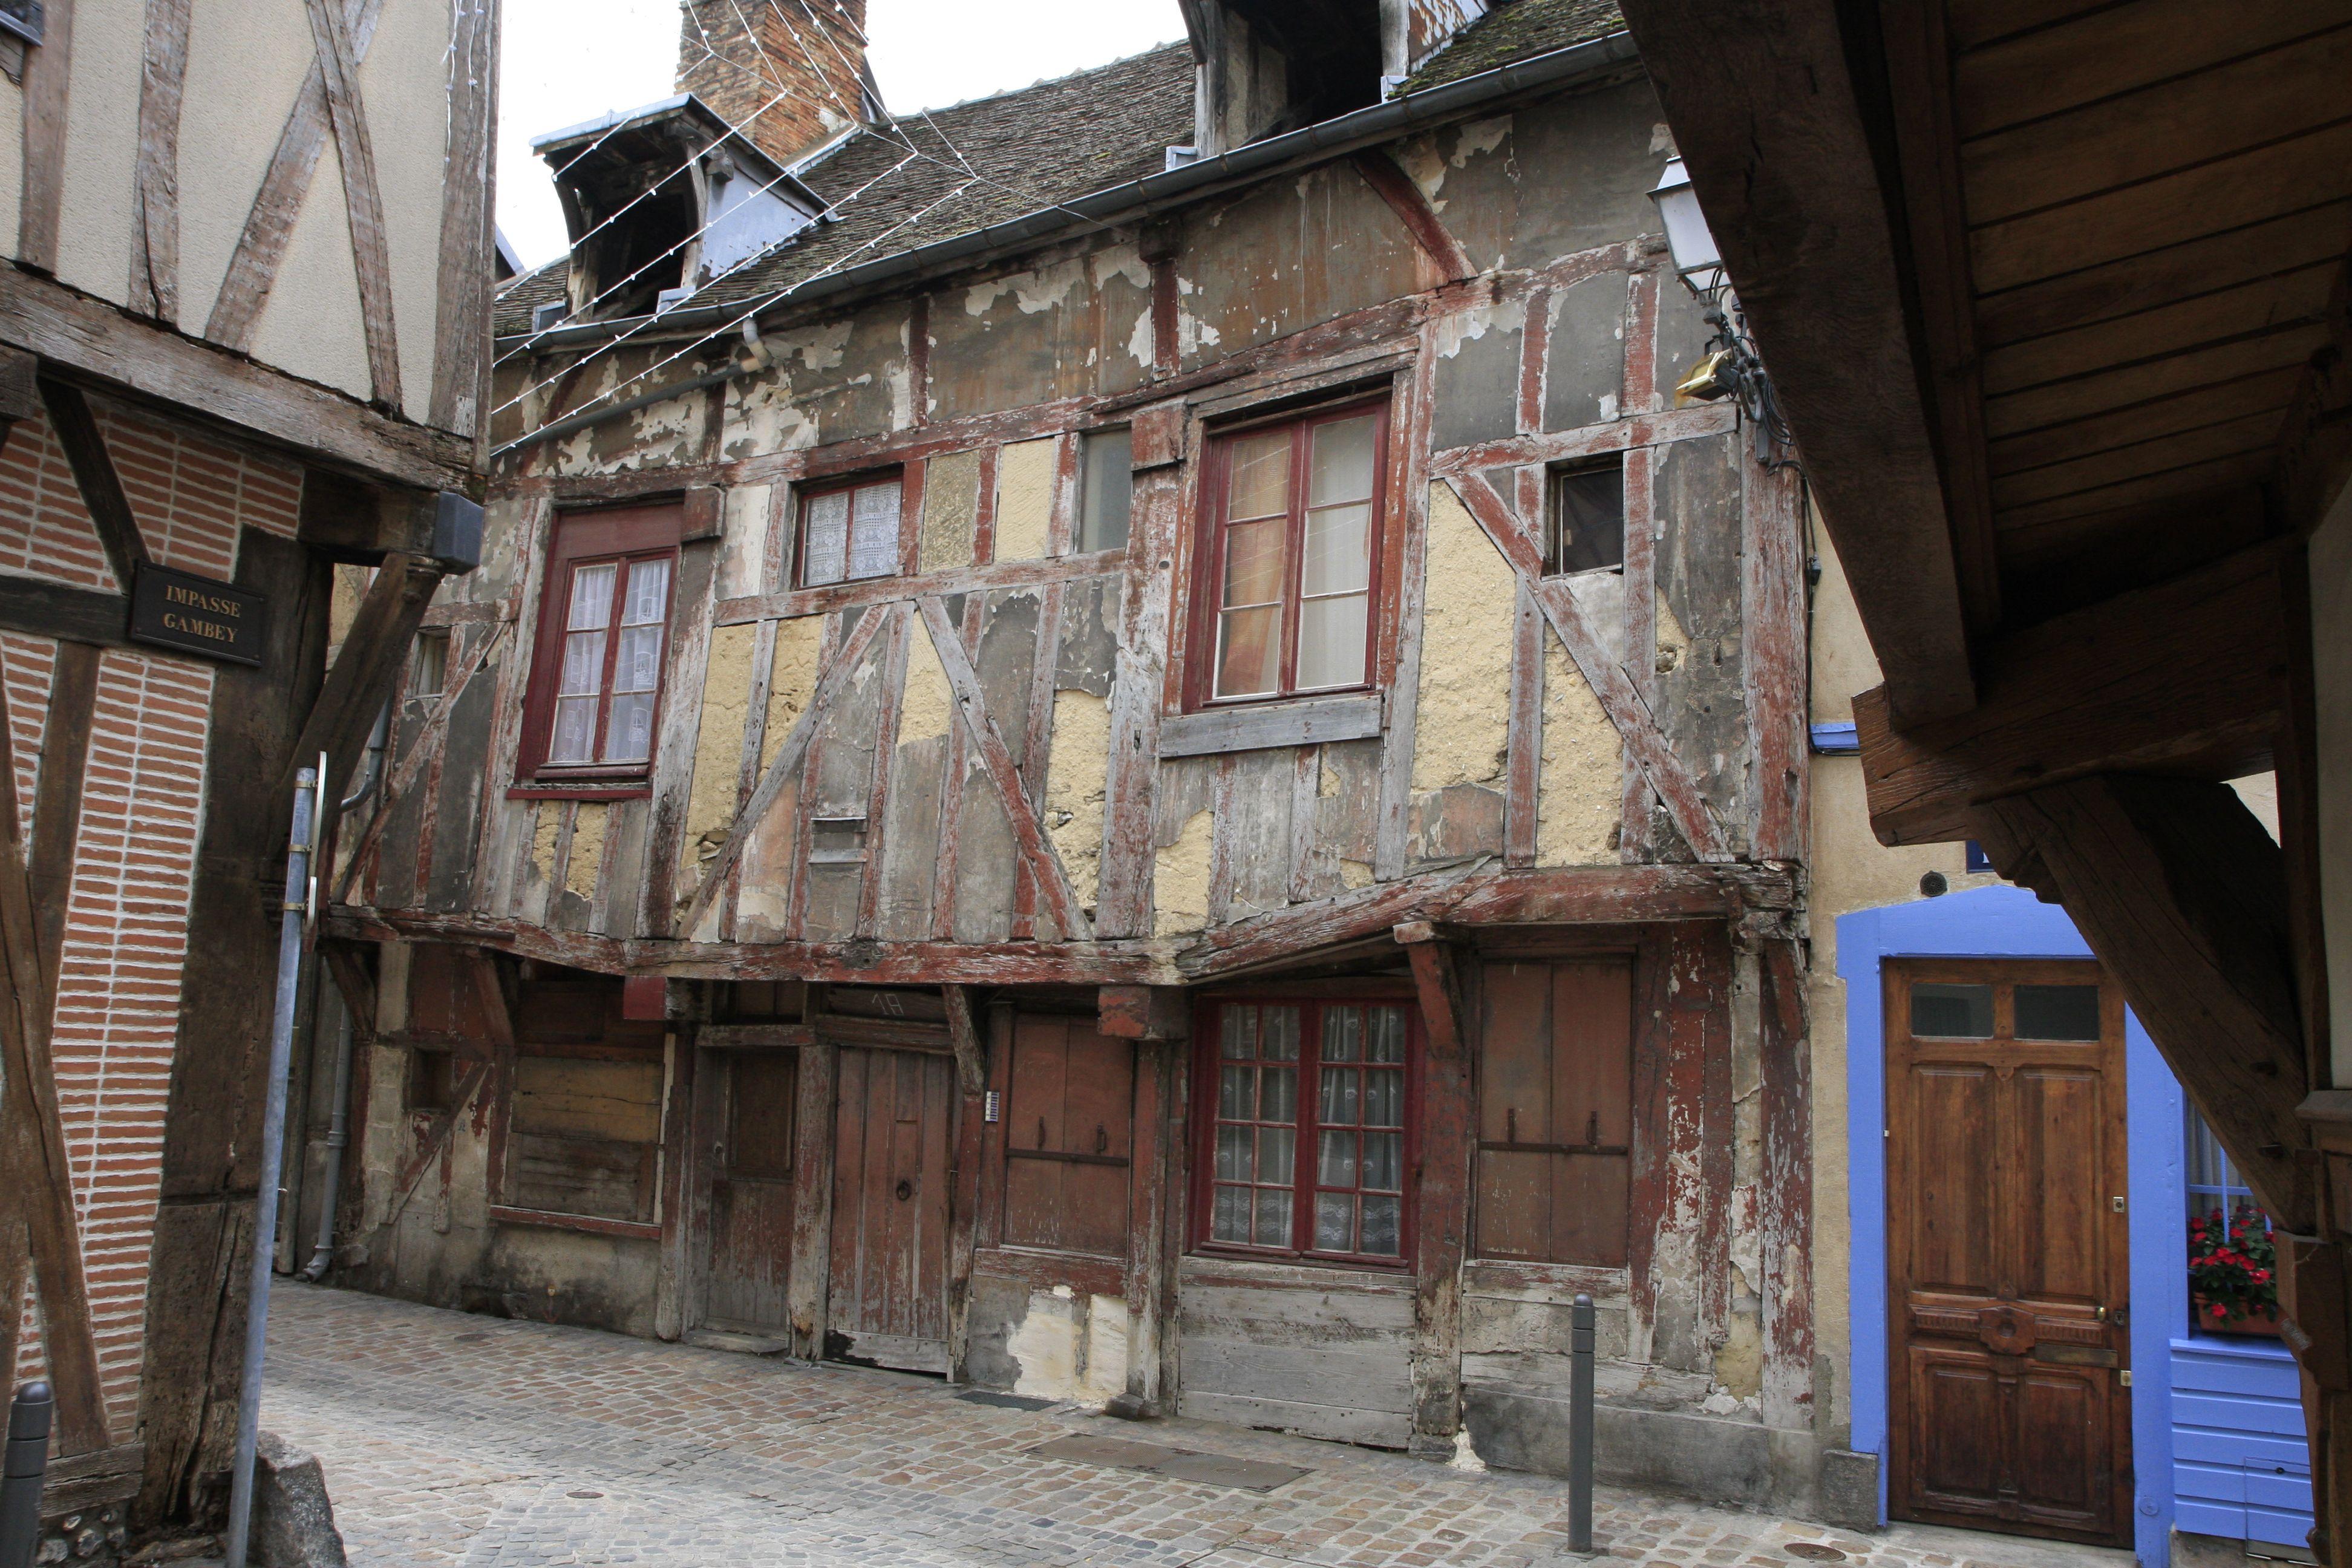 troyes d partement de l 39 aube france vieille maison construite en 1531 architecture maison. Black Bedroom Furniture Sets. Home Design Ideas